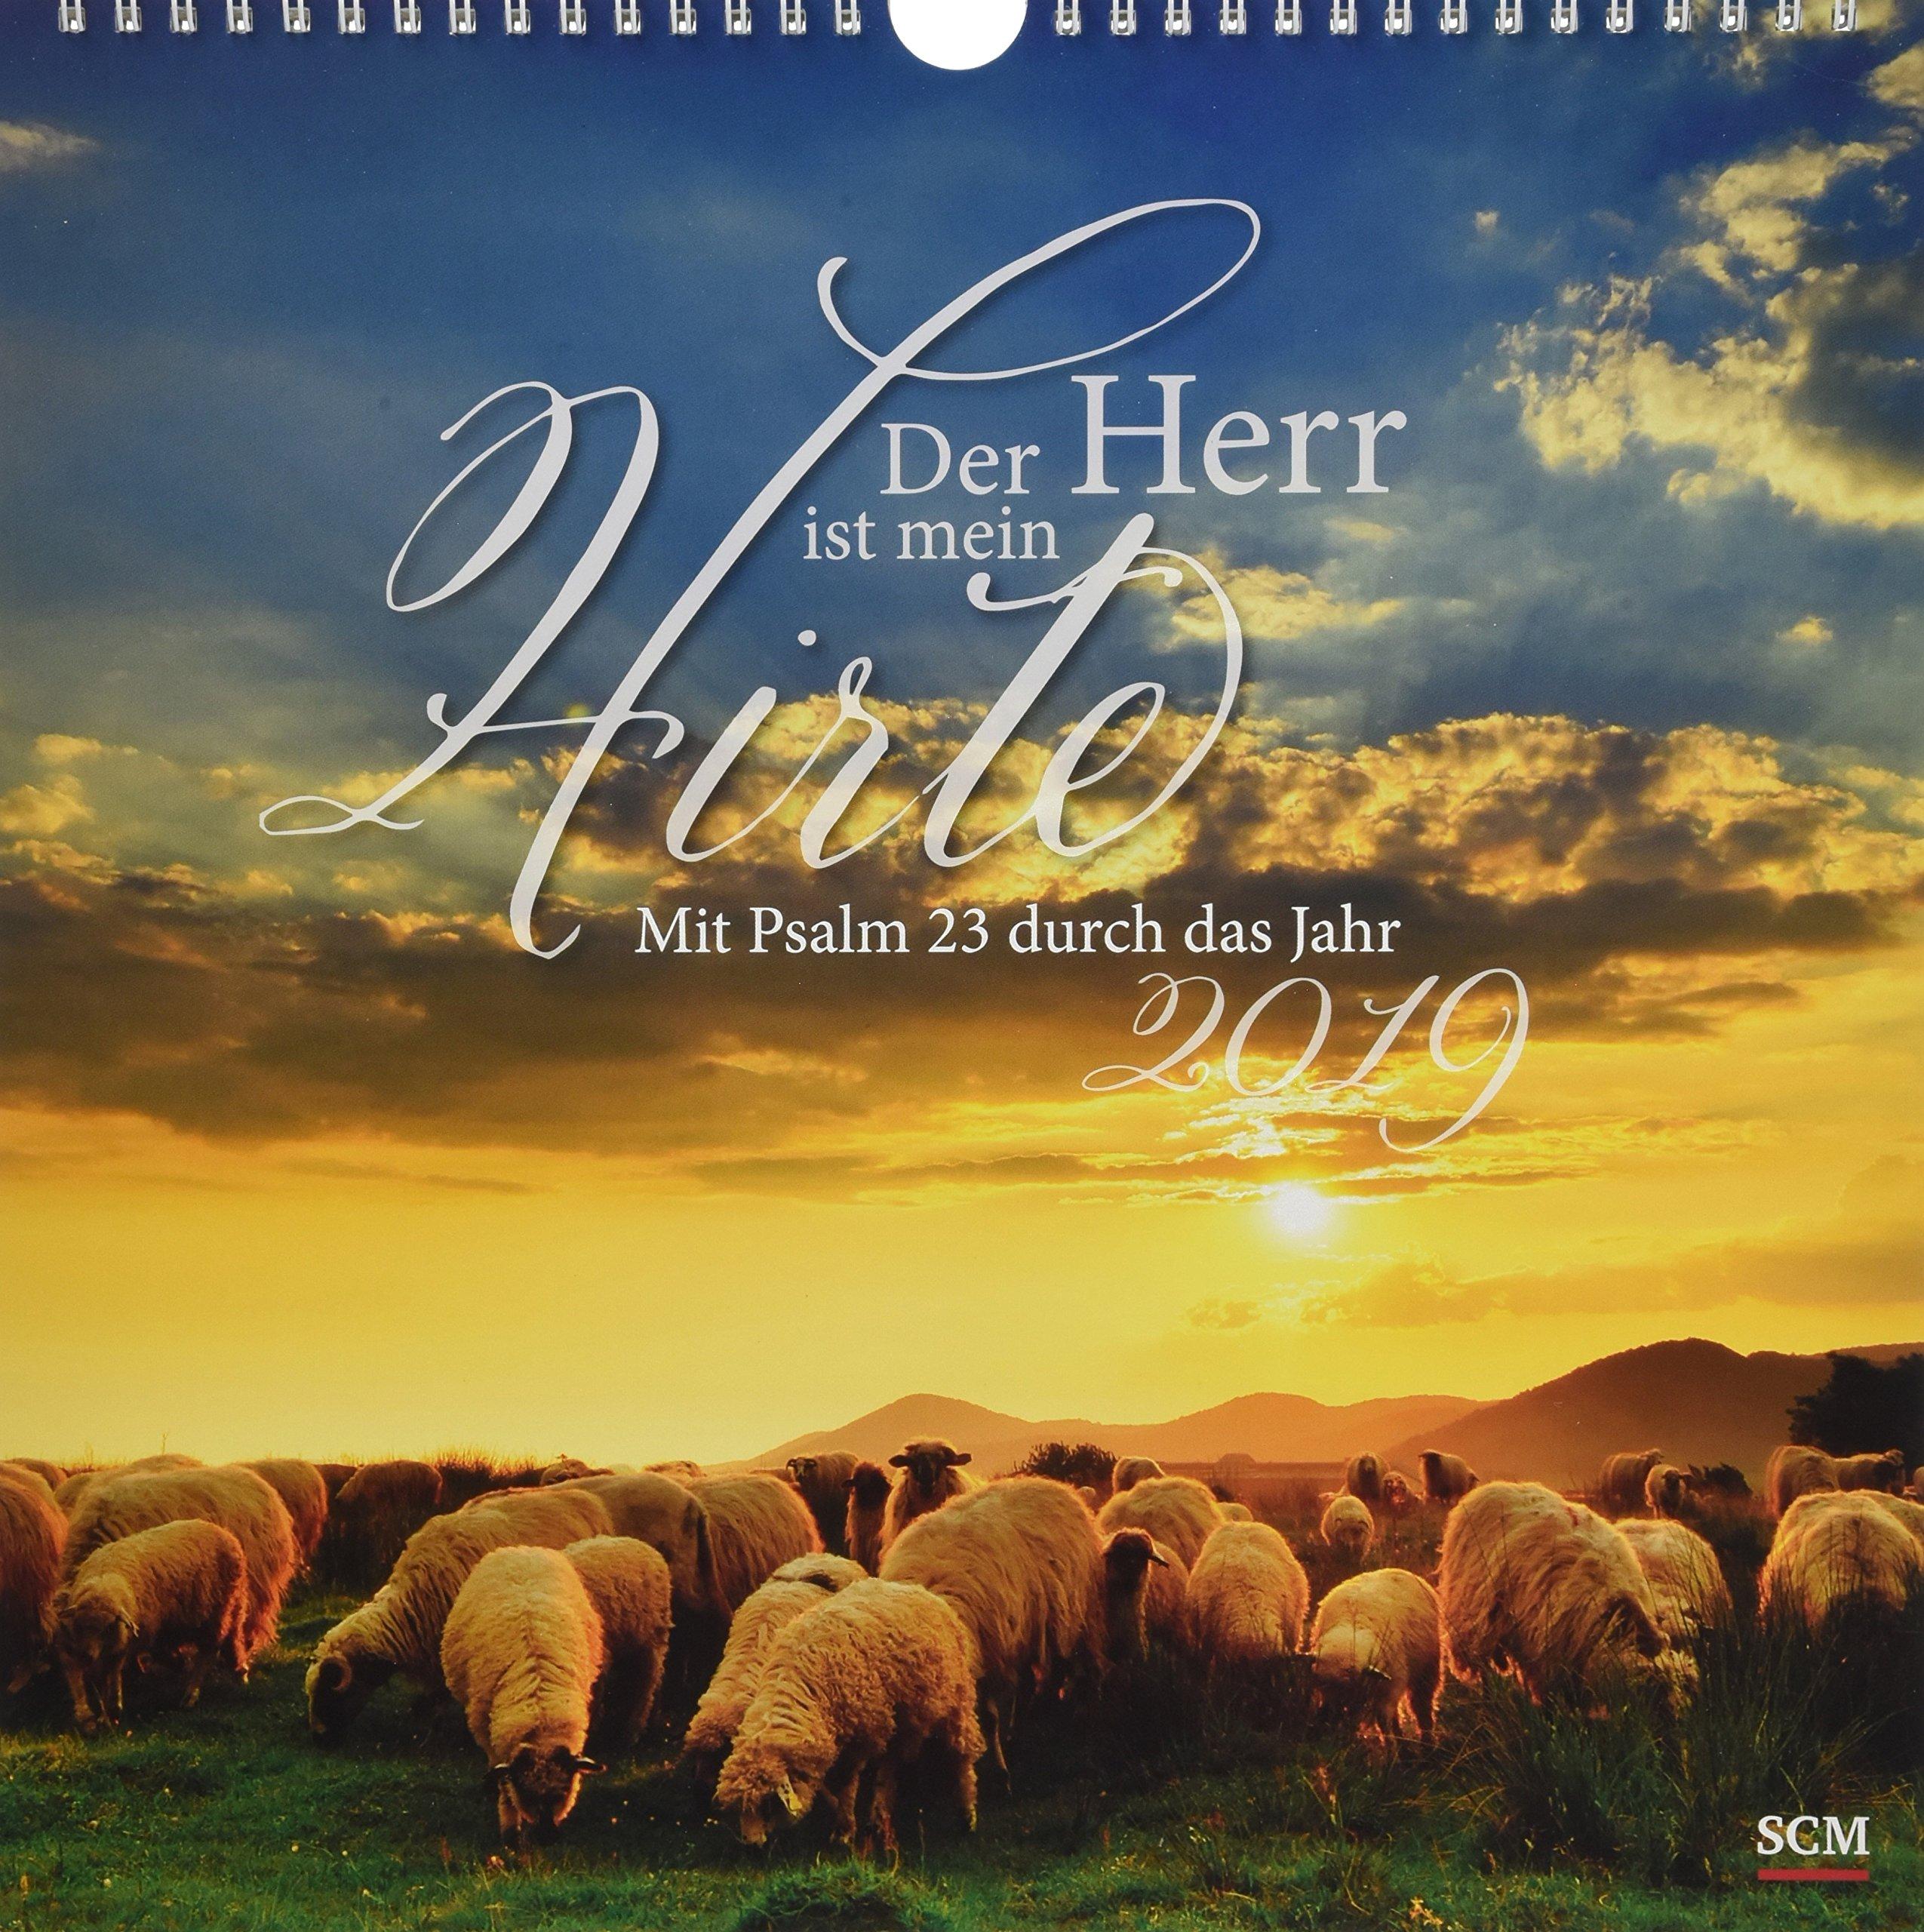 Der Herr ist mein Hirte 2019: Mit Psalm 23 durch das Jahr ...